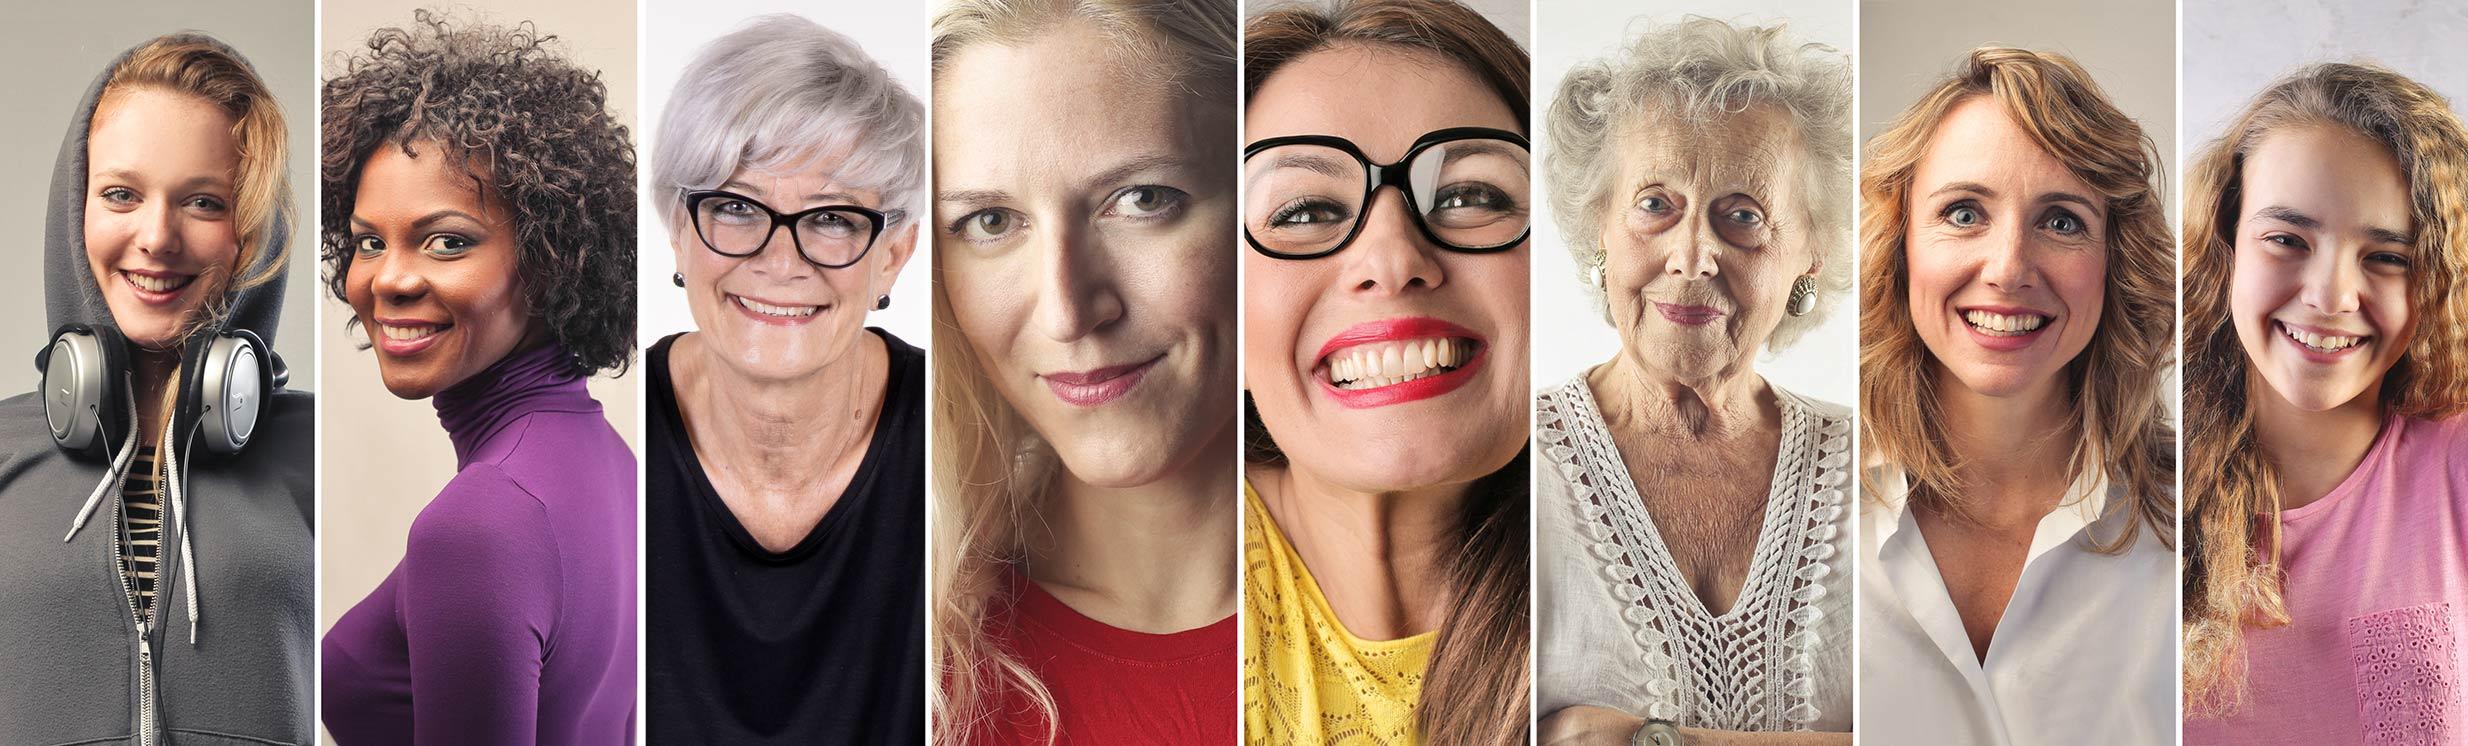 Frau Invest Frauen jeden Alters